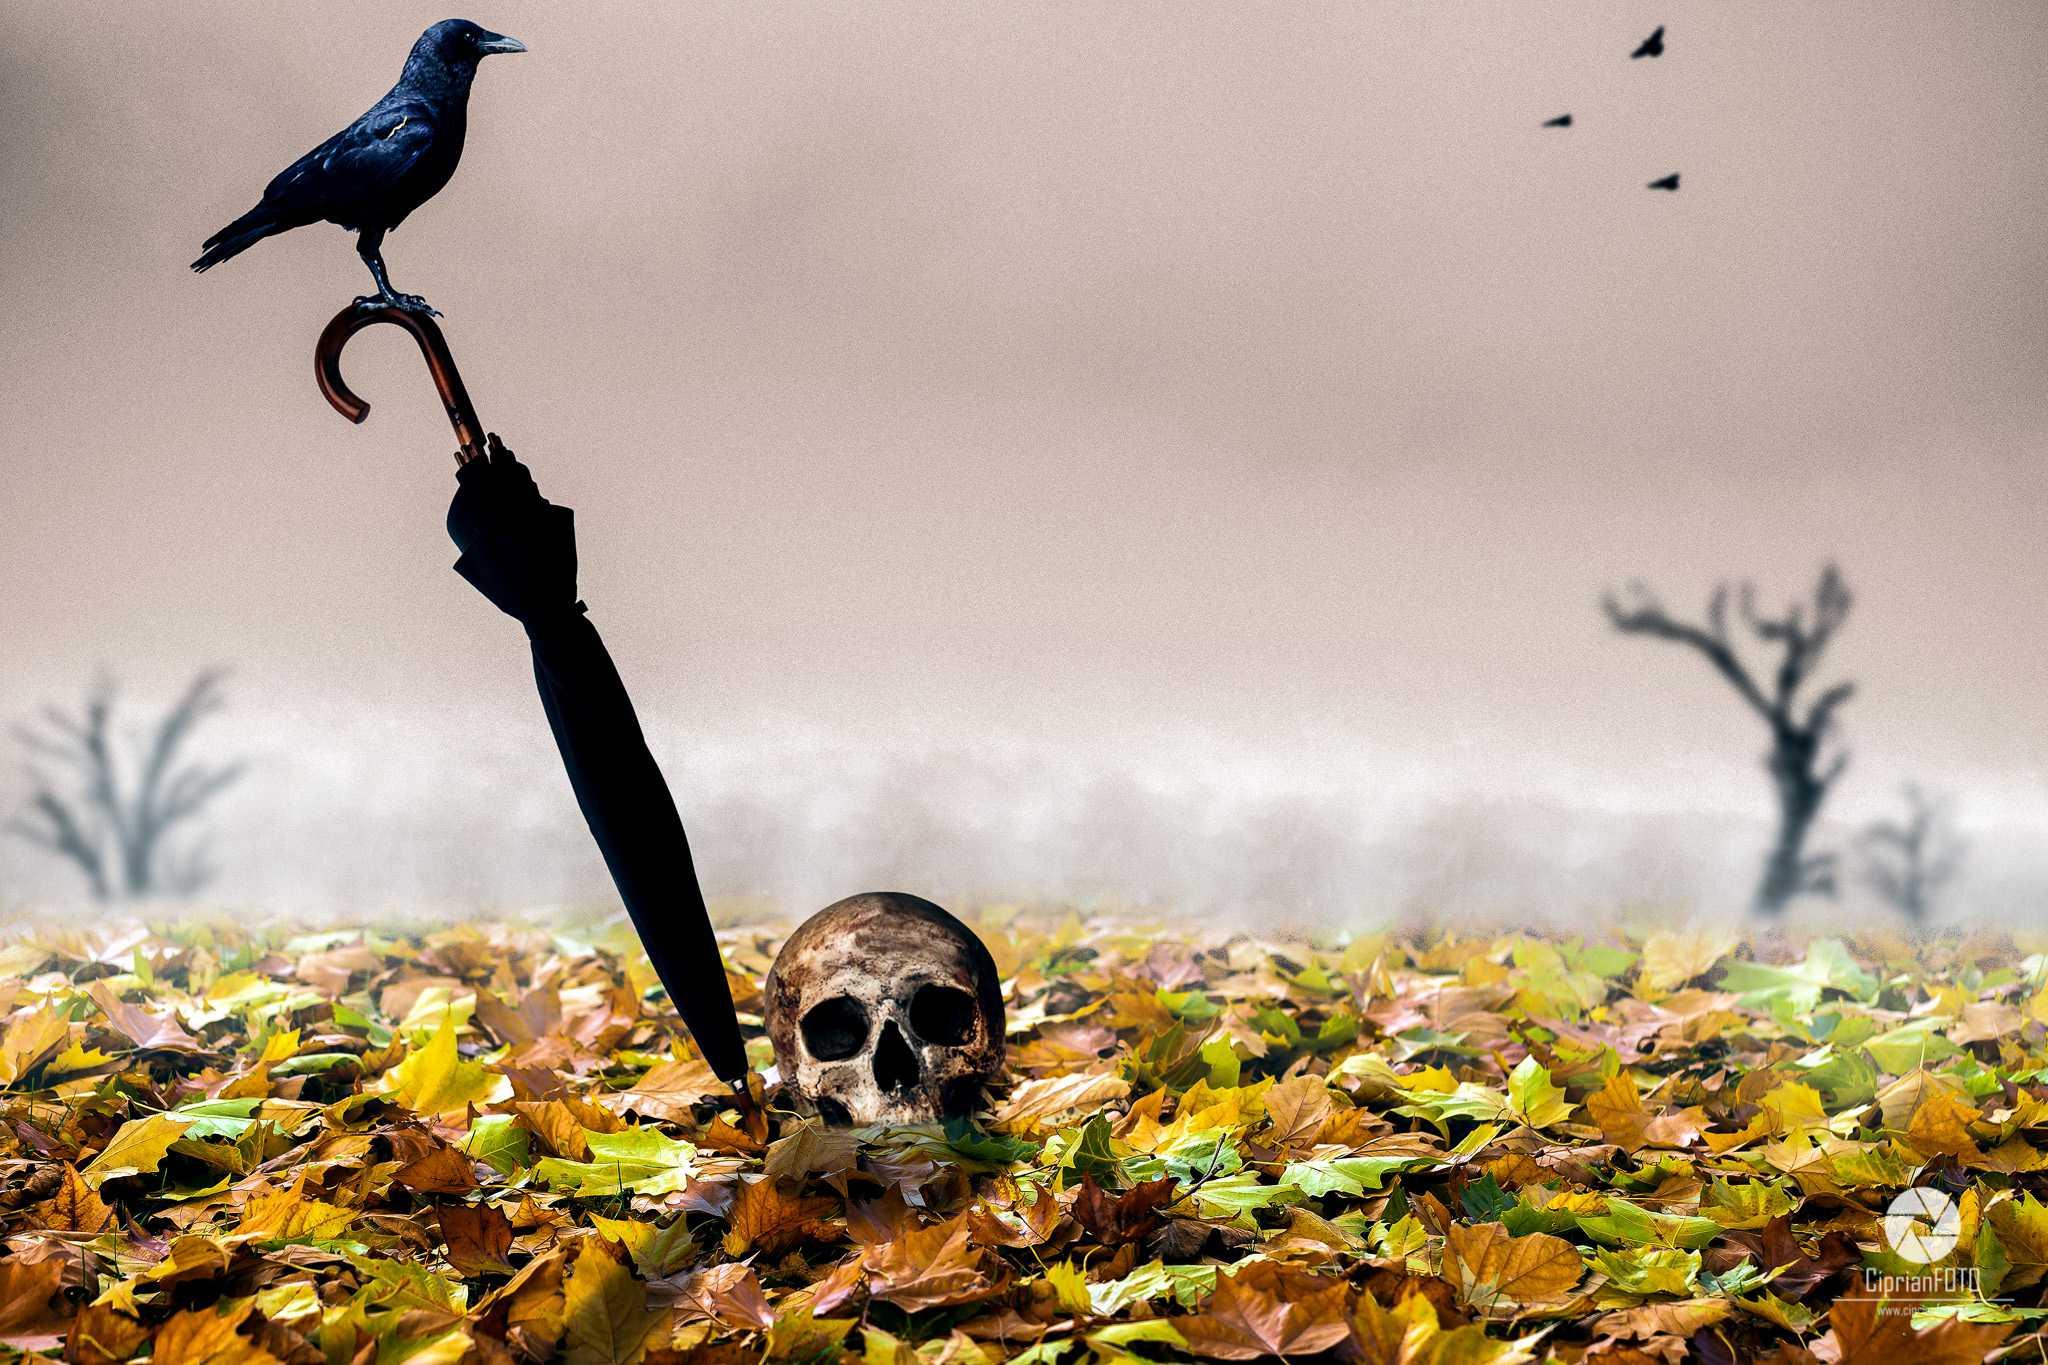 Lost_Umbrella_Photoshop_Manipulation_Tutorial_CiprianFOTO